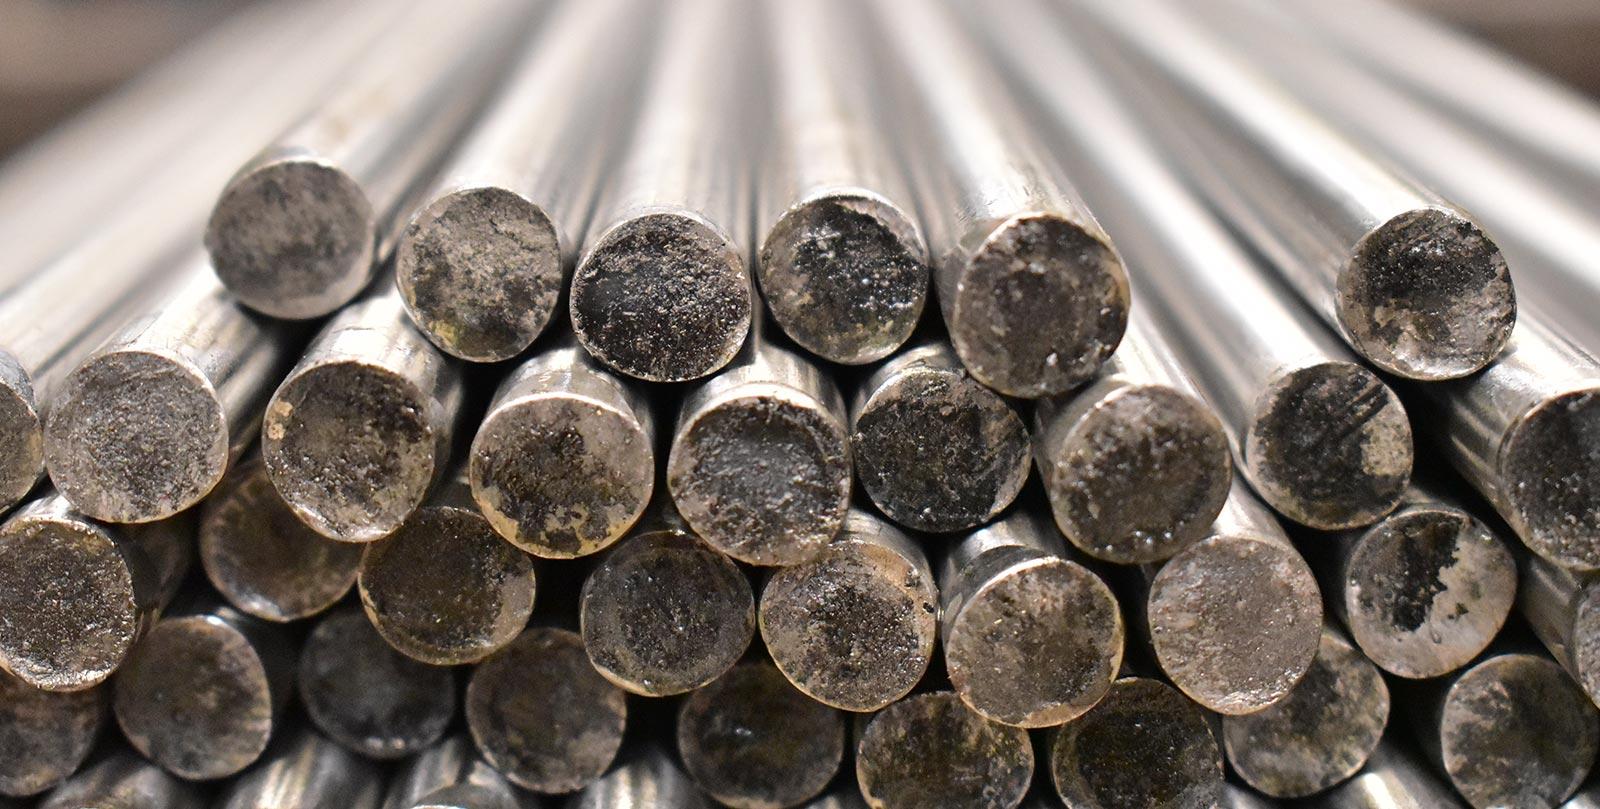 Aço Ferramenta AISI S1 | V-W-3 (Tungstênio-Cromo-Vanádio)